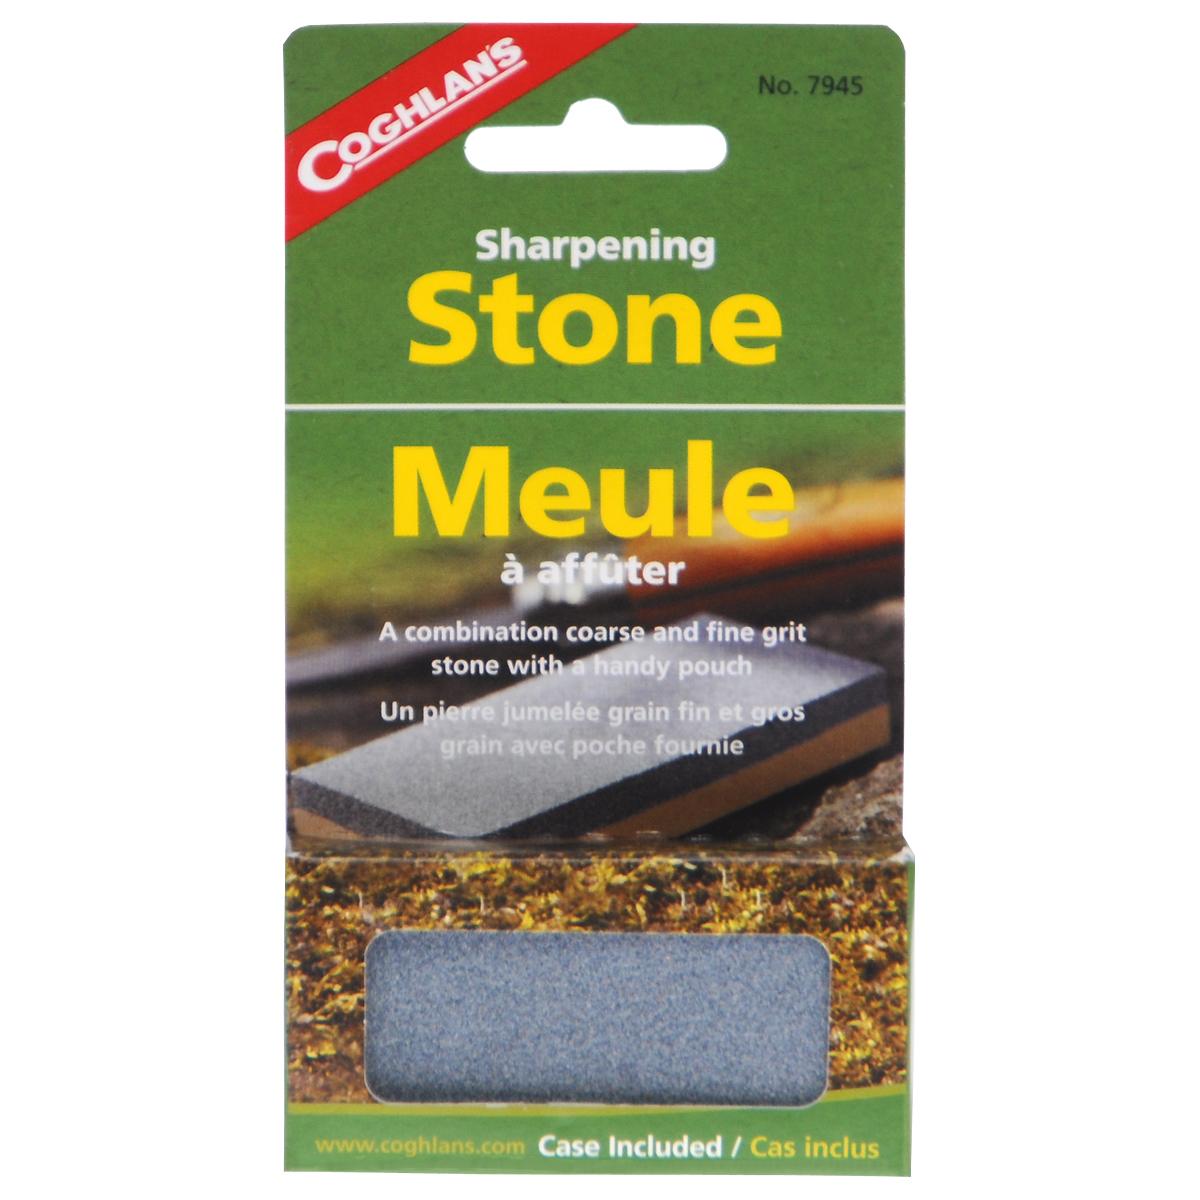 Камень точильный Coghlans, двухсторонний, с футляром, 7,5 см х 3,5 см7945Двухсторонний точильный камень Coghlans предназначен для правки ножей. Имеет две поверхности с разной зернистостью абразива: P120 (серая сторона) для предварительной заточки и P400 (бежевая сторона) для финишной доводки. Благодаря этому точильный камень сочетает в себе сразу 2 инструмента для заточки. Изделие имеет малые вес и размер, что очень удобно в походе. В комплекте - виниловый футляр.Размер точильного камня: 7,5 см х 3,5 см х 1 см. Размер футляра: 9,5 см х 6,2 см.